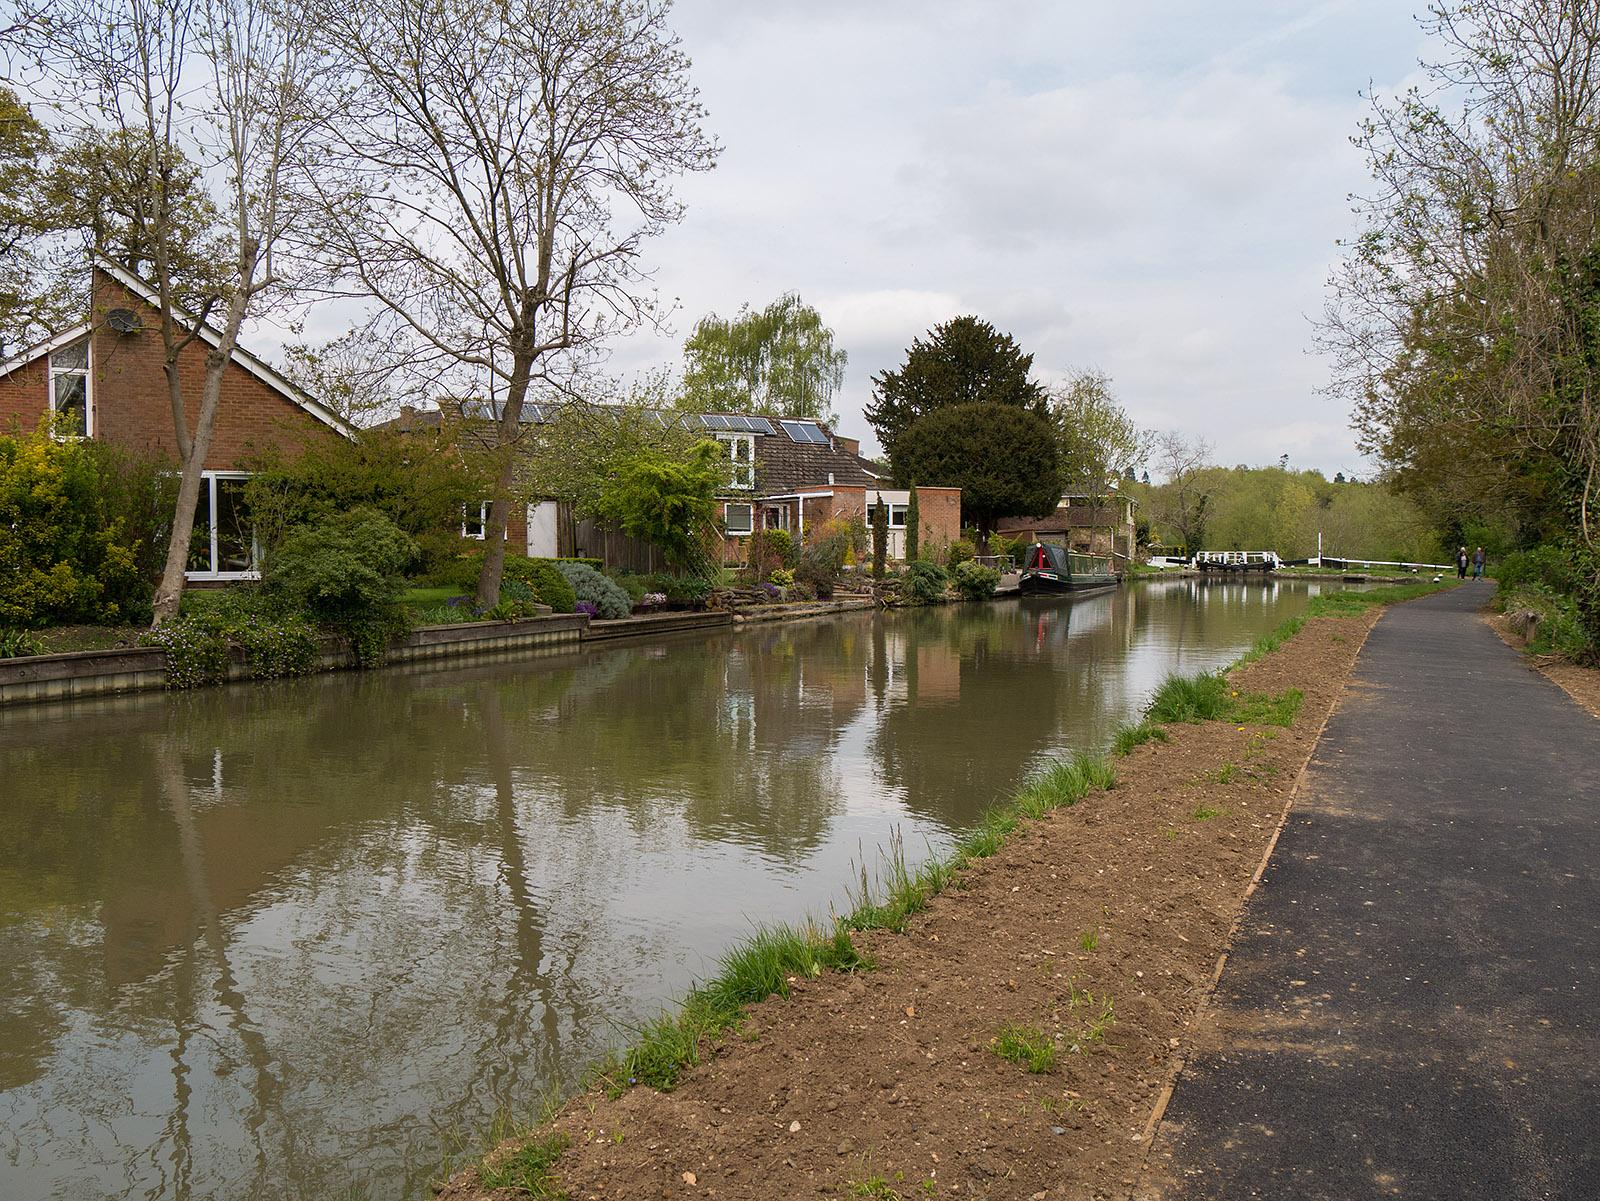 Approaching Leighton Lock